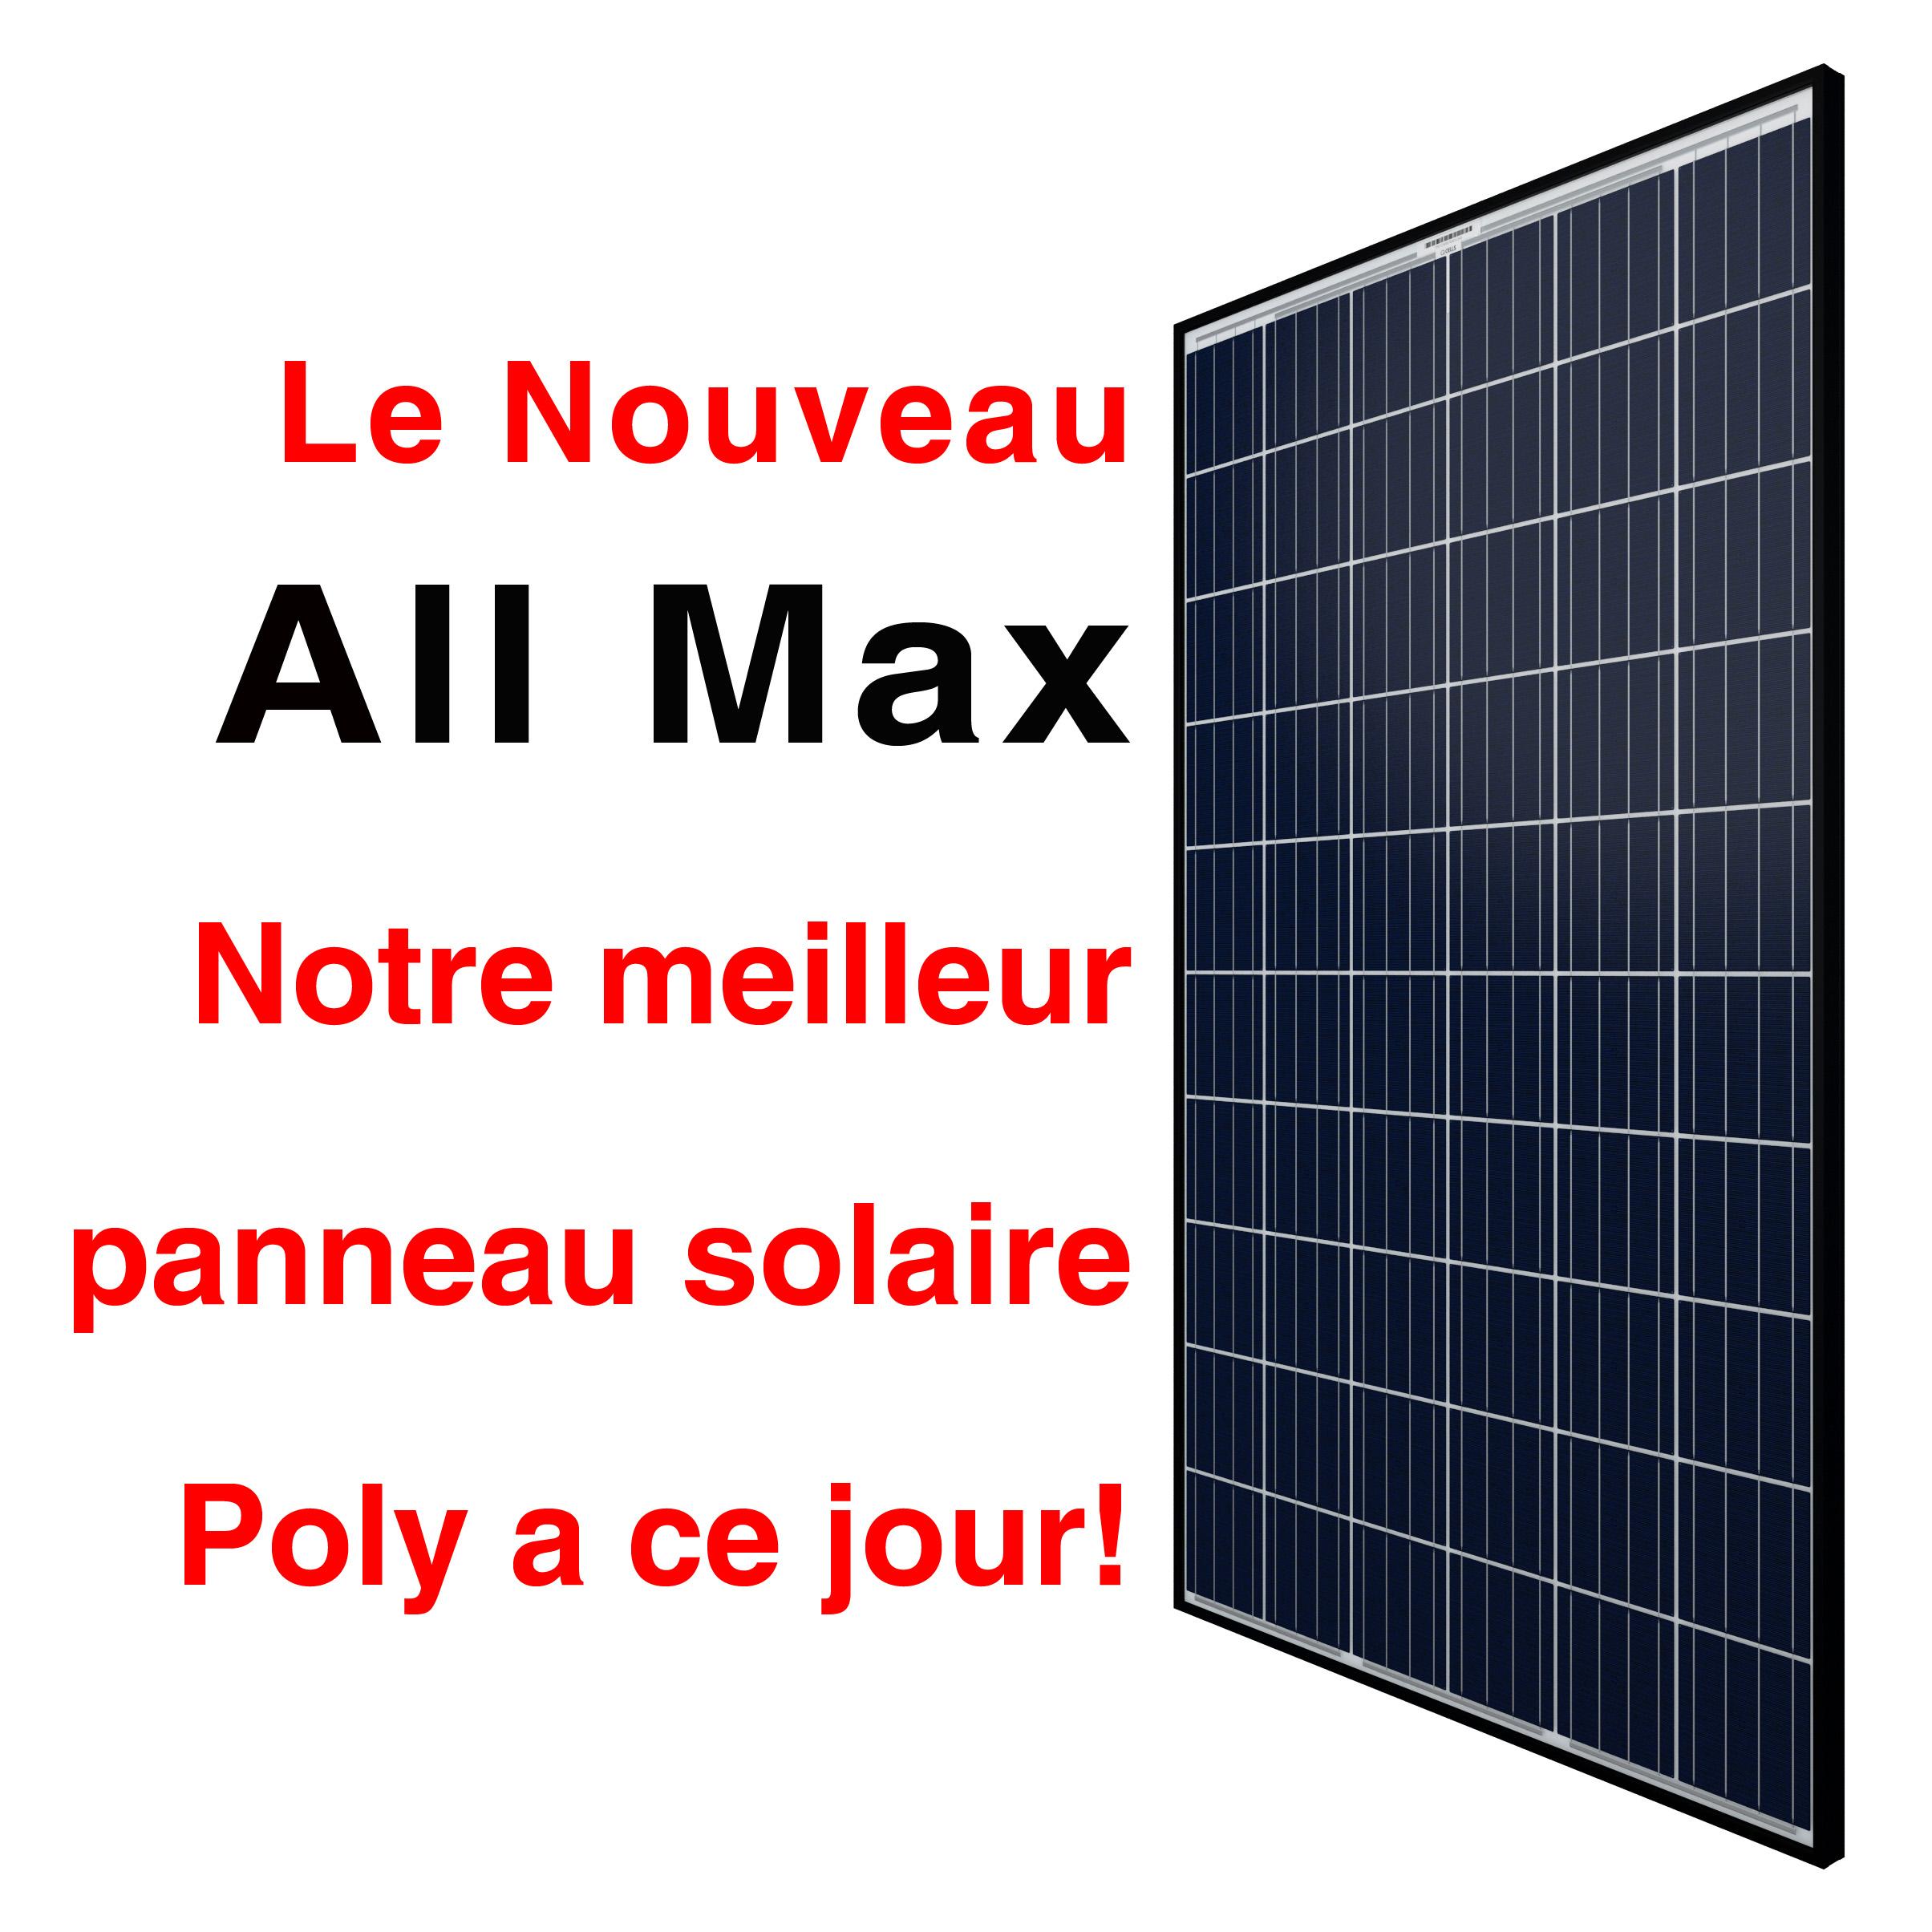 panneau solaire au meilleur prix qu bec panneau photovolta que plaque solaire sun watts. Black Bedroom Furniture Sets. Home Design Ideas